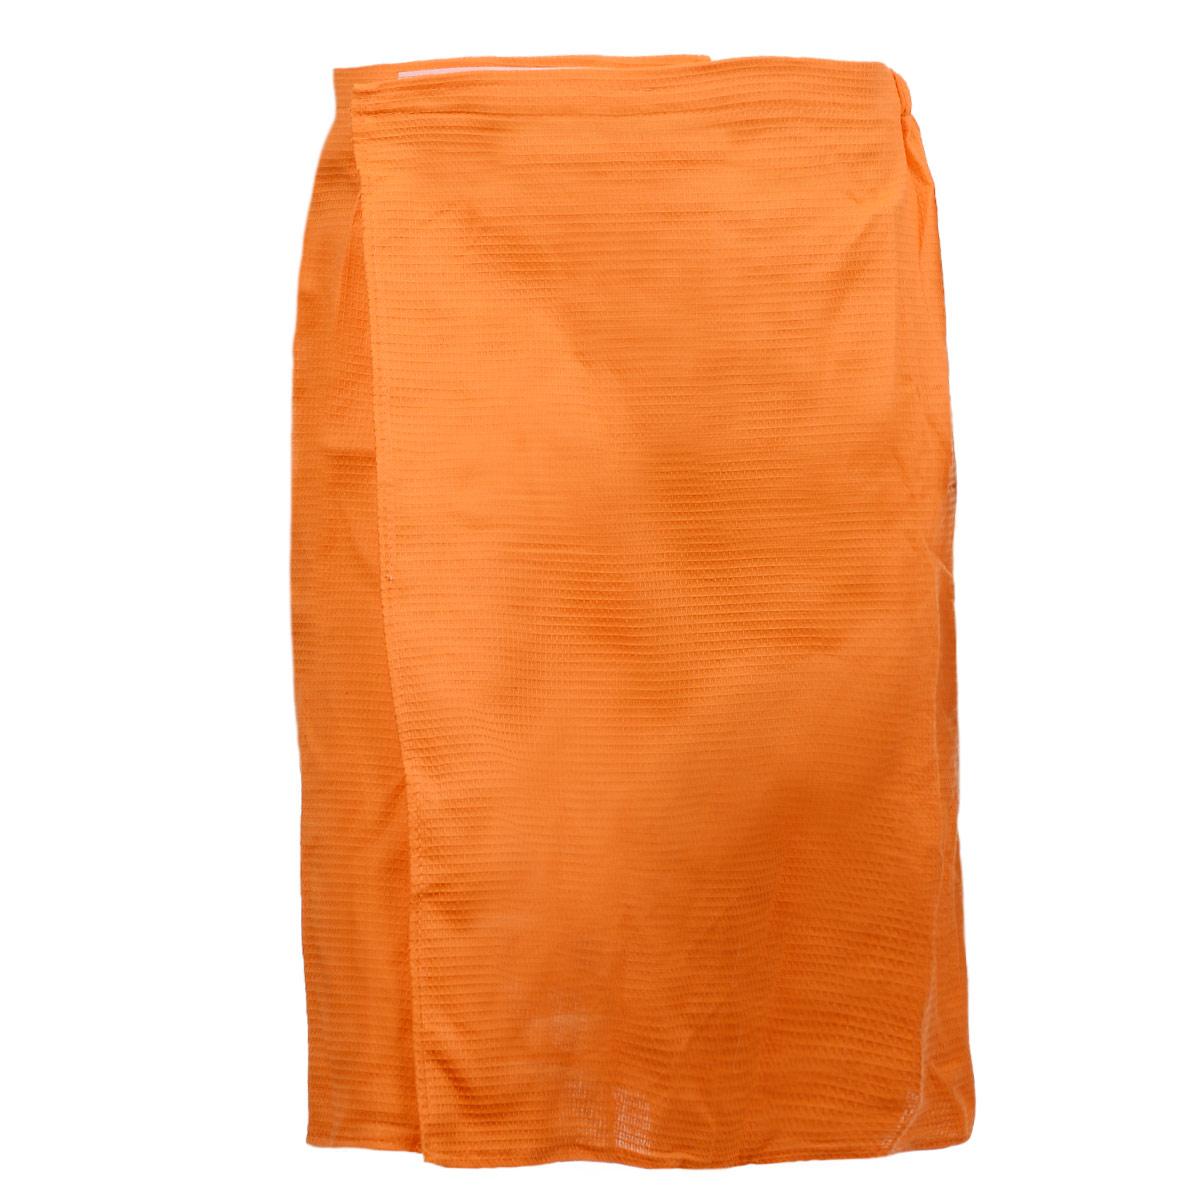 Килт для бани и сауны Банные штучки, мужской, цвет: оранжевый32060 оранжевыйВафельный килт для бани и сауны Банные штучки, выполненный из натурального хлопка, привлечет внимание любителей модных тенденций в банной одежде. Килт - это многофункциональное полотенце специального покроя с резинкой и застежкой. В парилке можно лежать на нем, после душа вытираться, а во время отдыха использовать как удобную накидку. Длина килта: 60 см. Ширина килта: 145 см. Размер: 36-60.